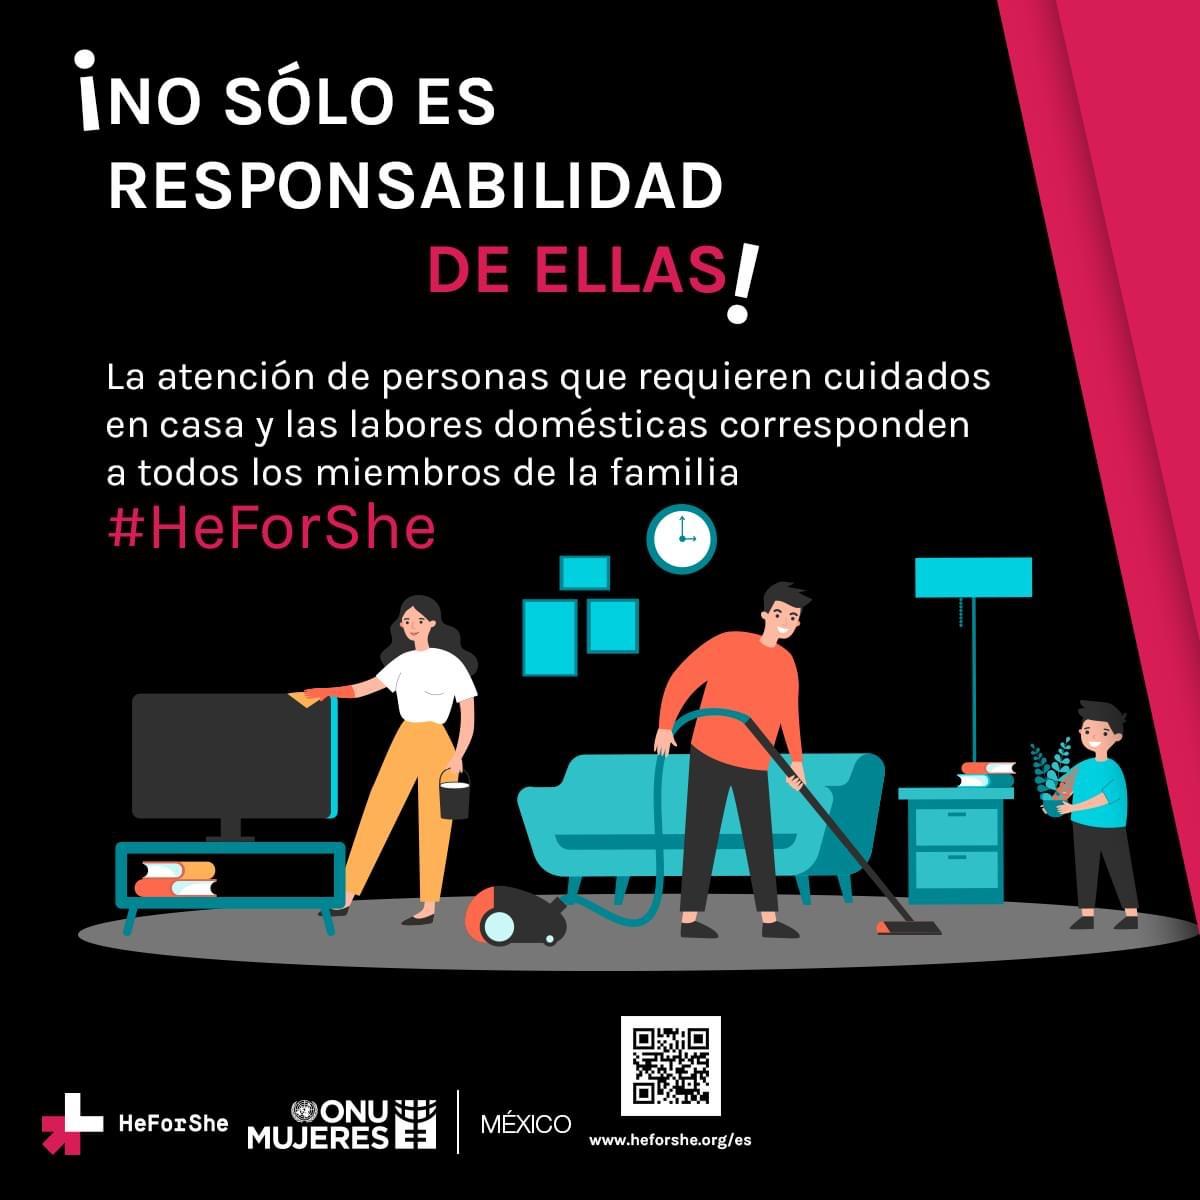 La emergencia sanitaria nos mantiene en casa, si todas y todos cooperamos por igual, la convivencia puede ser aún más positiva. #HeForShe